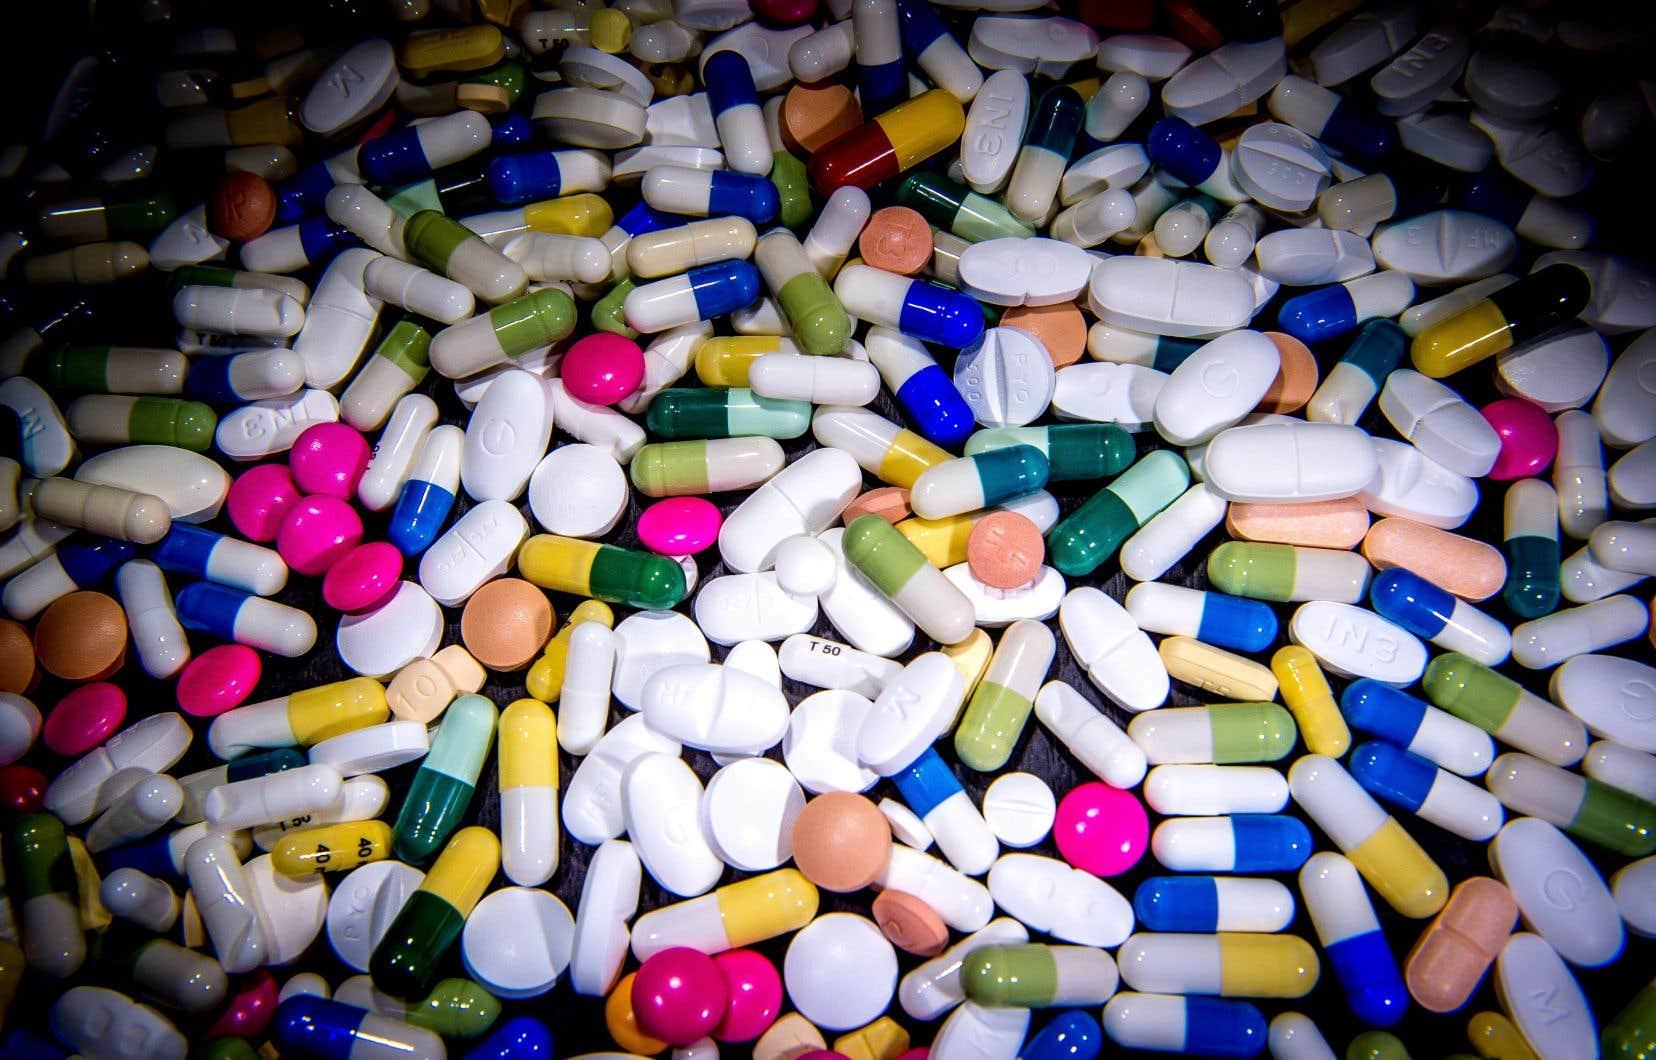 «Puisque les médicaments seraient exportés vers des régions plus payantes, le Canada pourrait faire face à des pénuries. À plus long terme, les prix seraient plus élevés au Canada et plus faibles aux États-Unis qu'ils le sont en ce moment», souligne l'auteur.